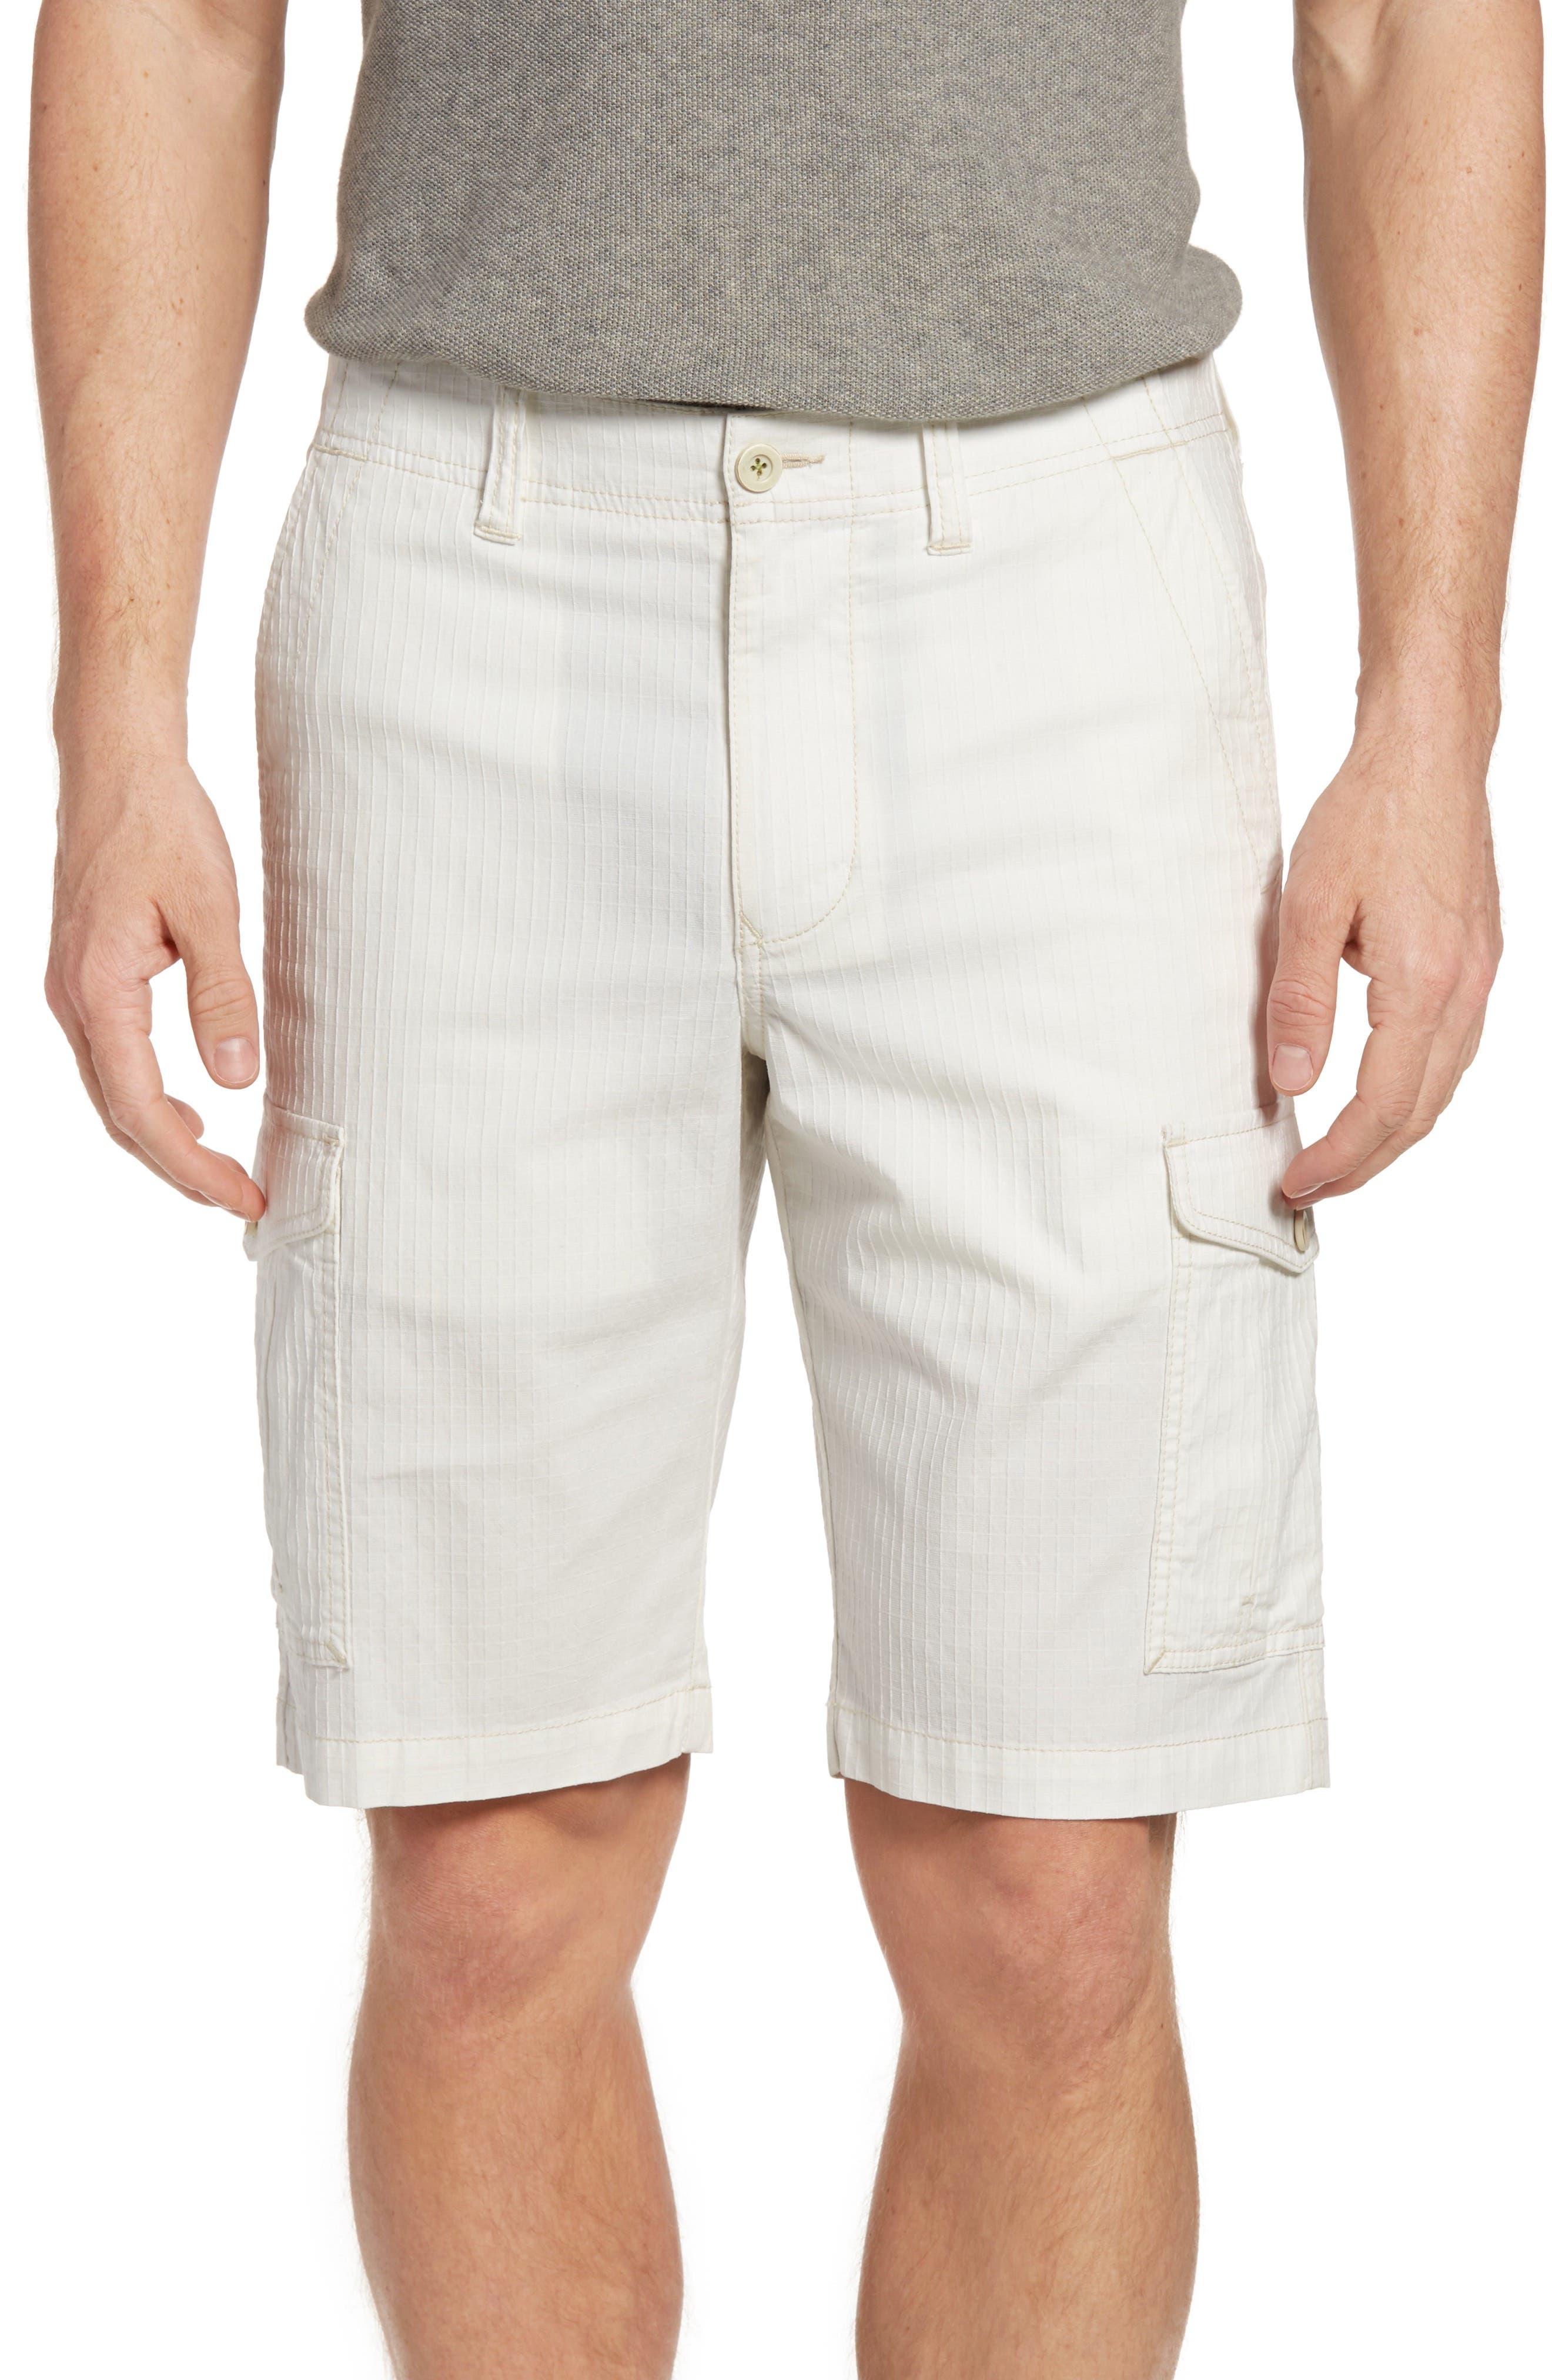 Tommy Bahama Sandbar Ripstop Cargo Shorts (Regular & Big)